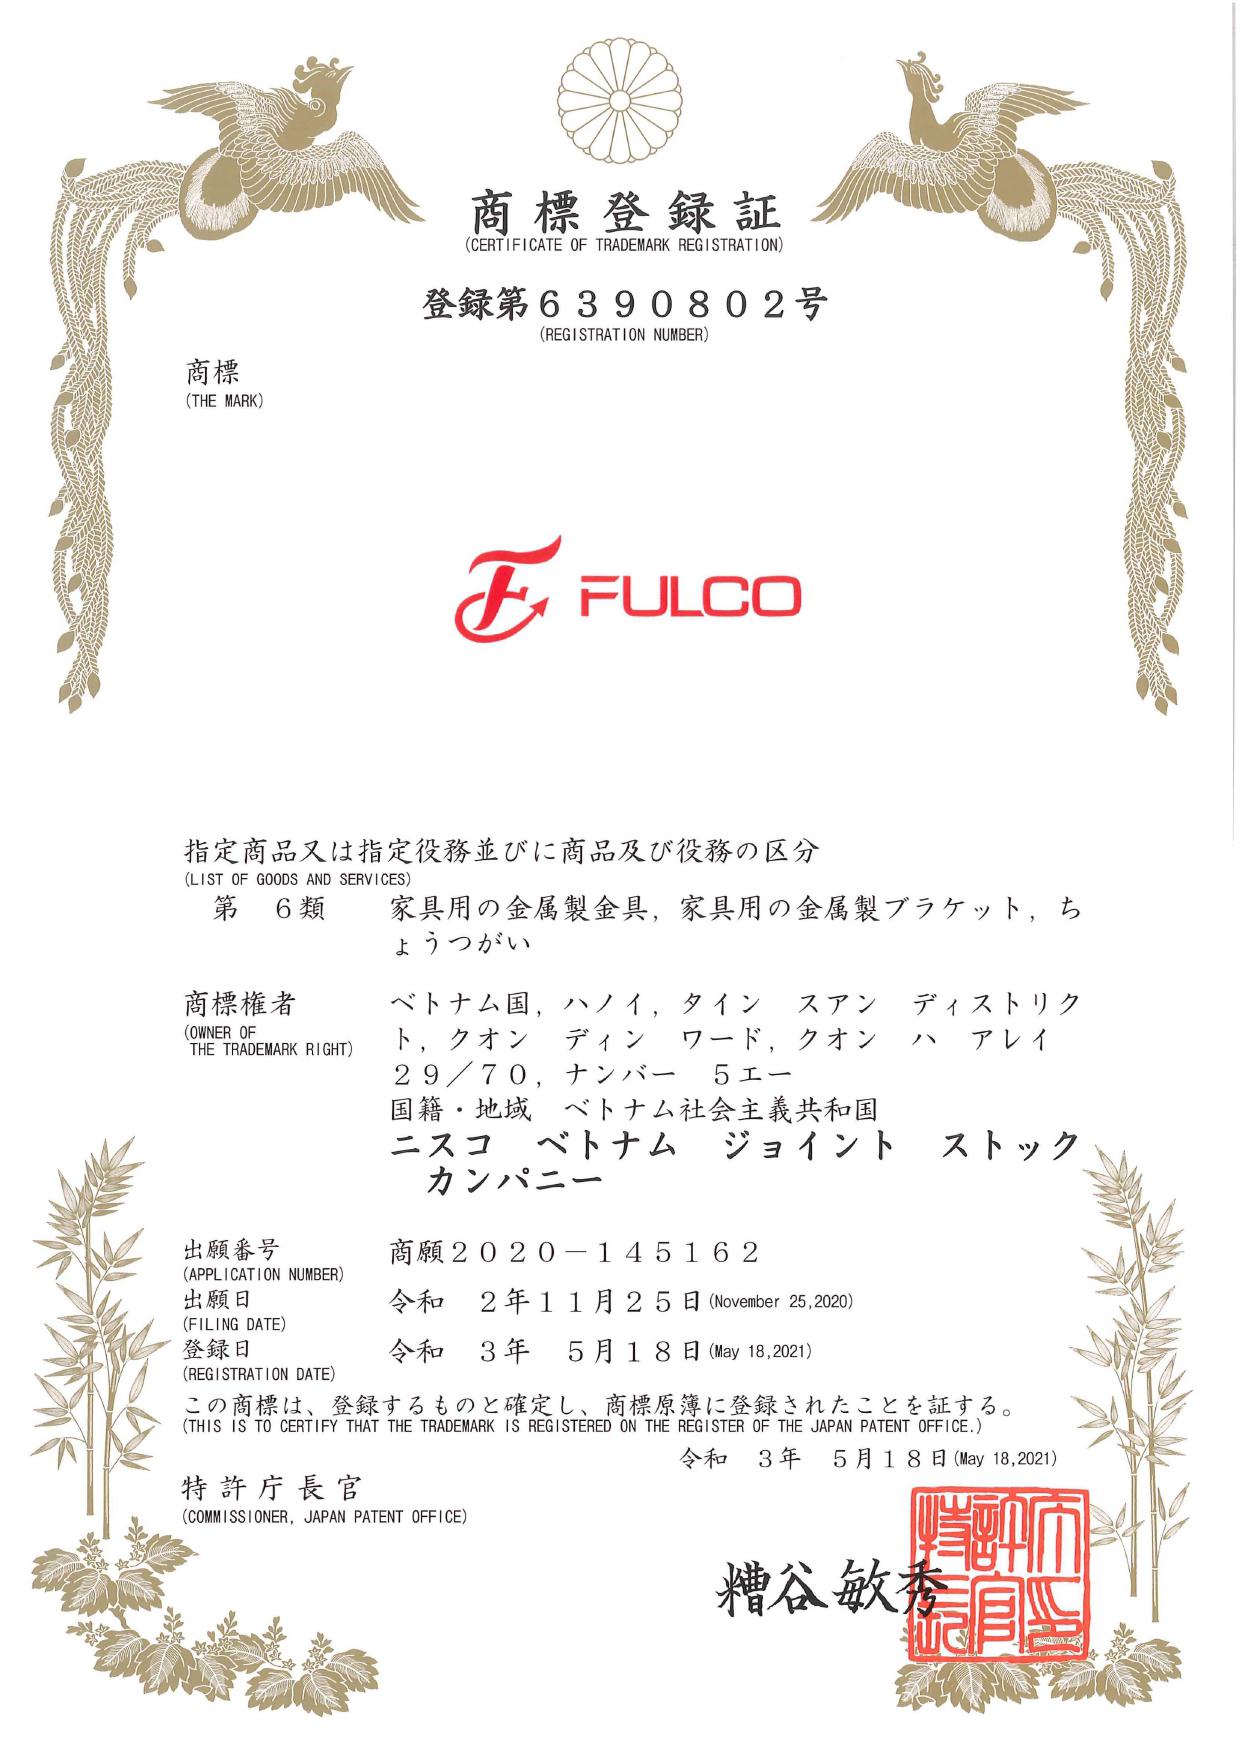 Đăng ký nhãn hiệu tại Nhật Bản